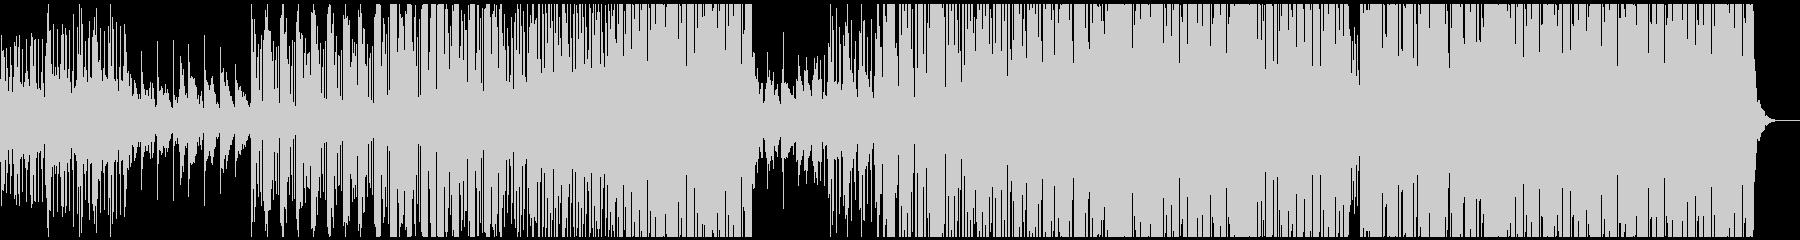 クール、トロピカルハウス、洋楽テイストの未再生の波形